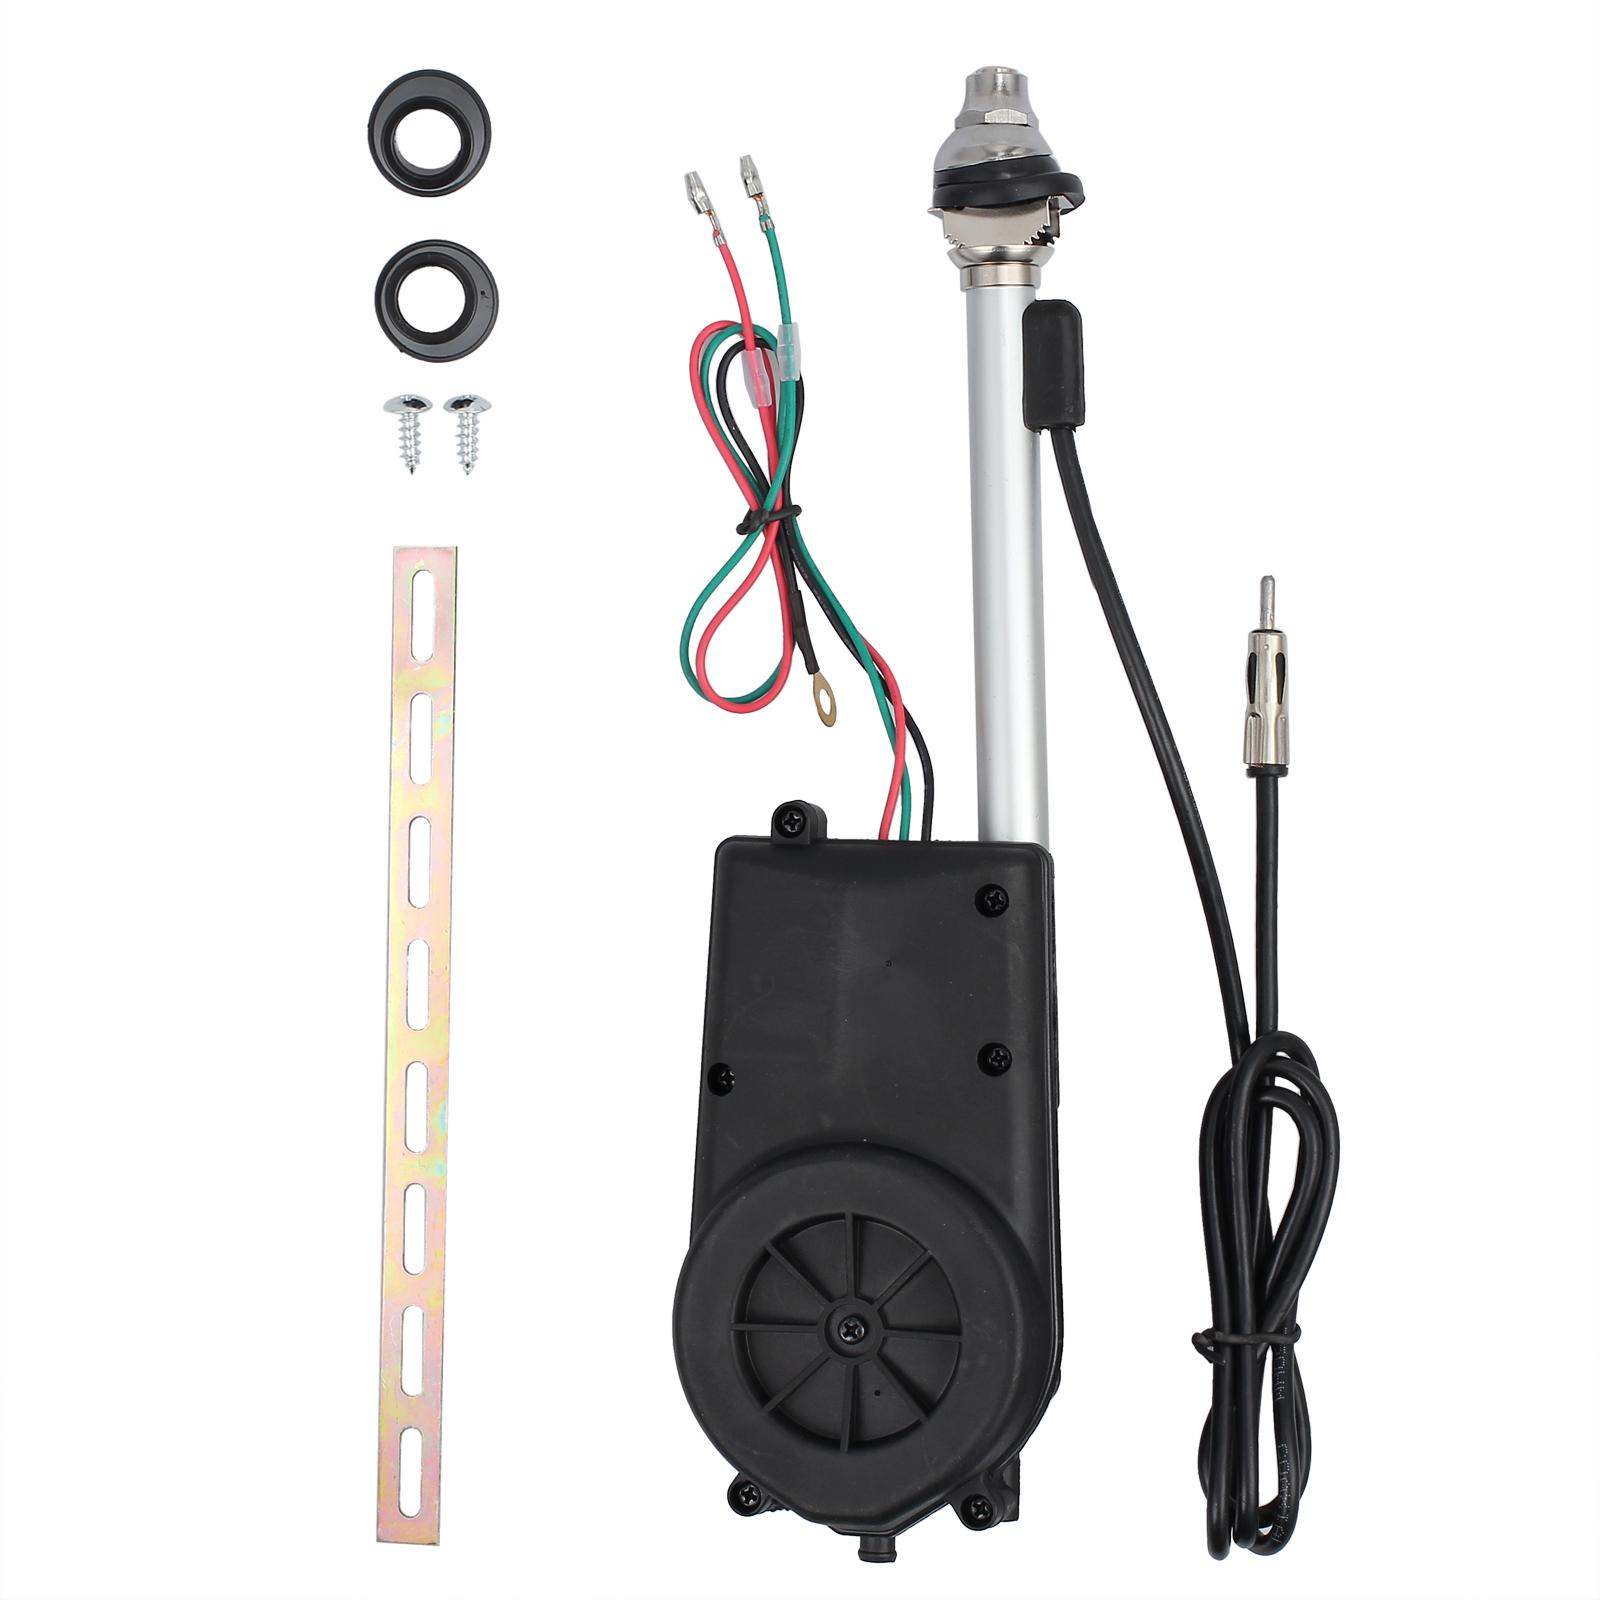 Kit de durites de conduite de frein allong/ées Sunnyflowk pour /él/évateur /à ressort 2-5 pour Nissan Patrol GQ Y60 GU Y61 noir